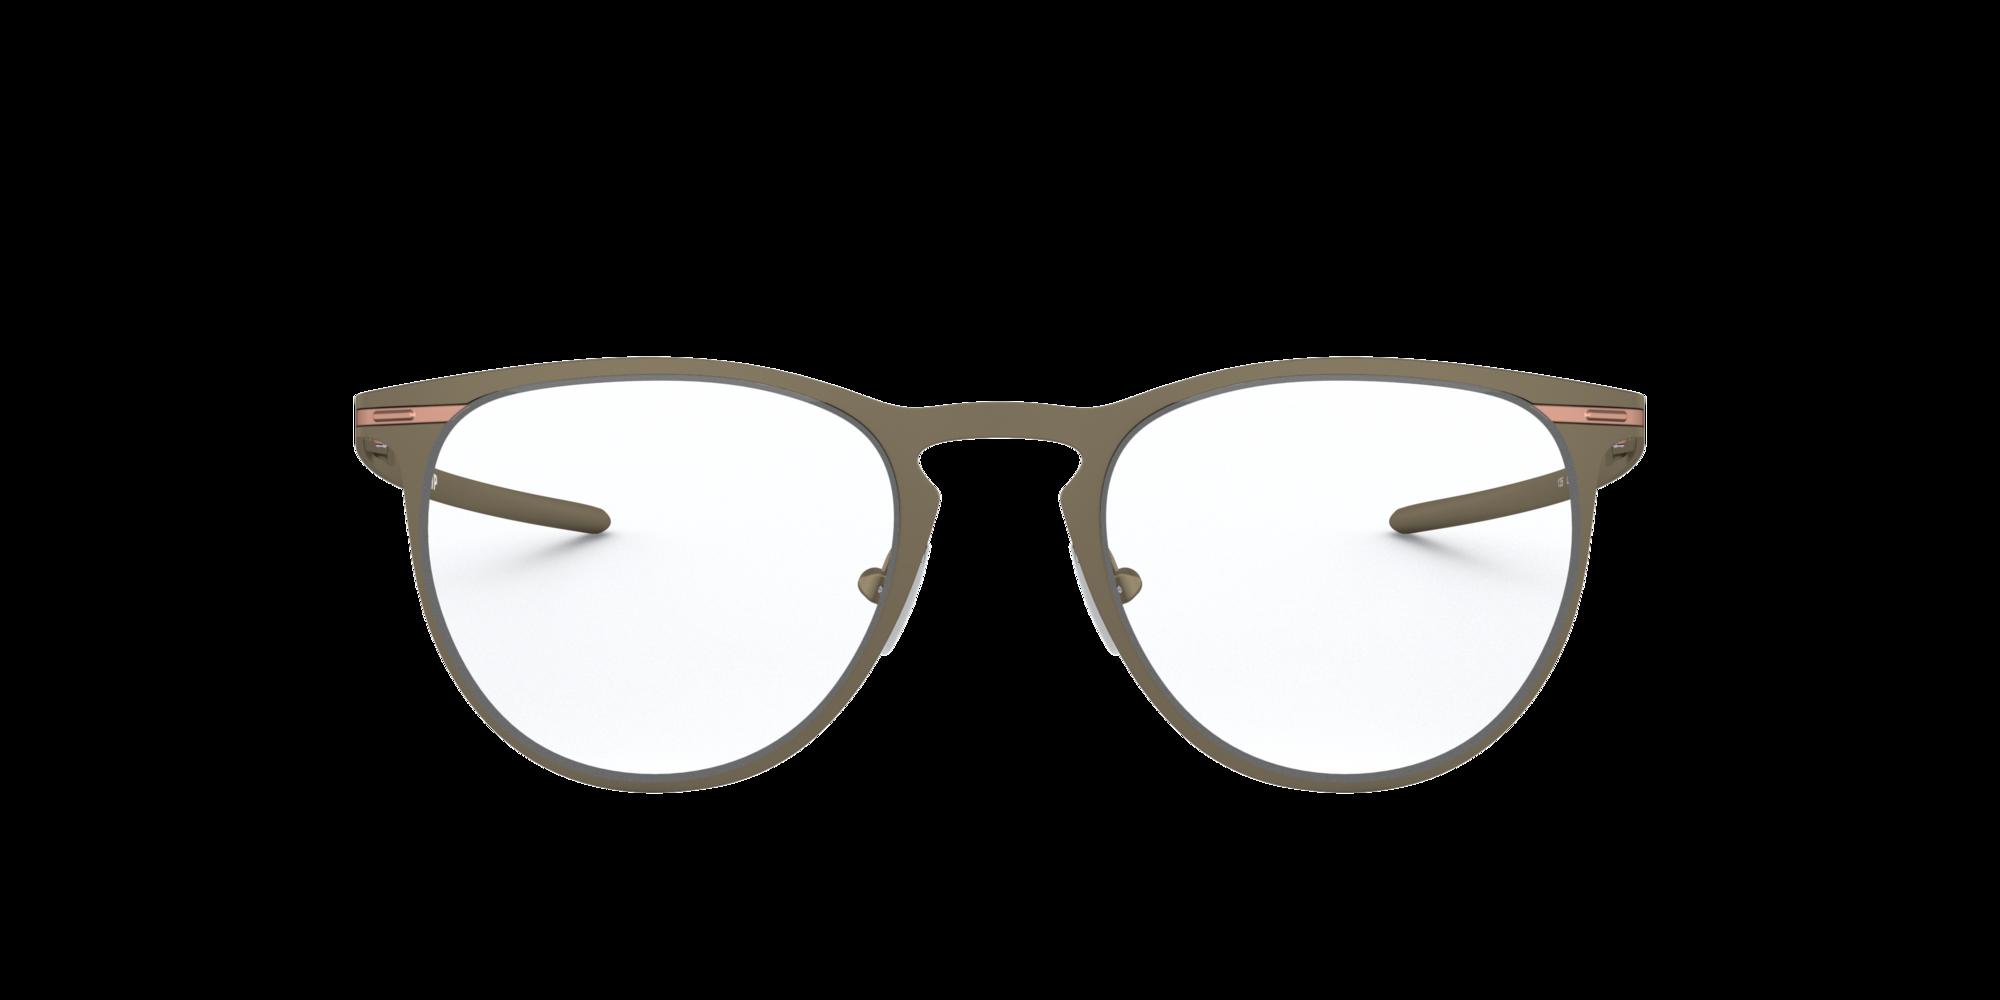 Imagen para OX5145 MONEY CLIP de LensCrafters |  Espejuelos, espejuelos graduados en línea, gafas